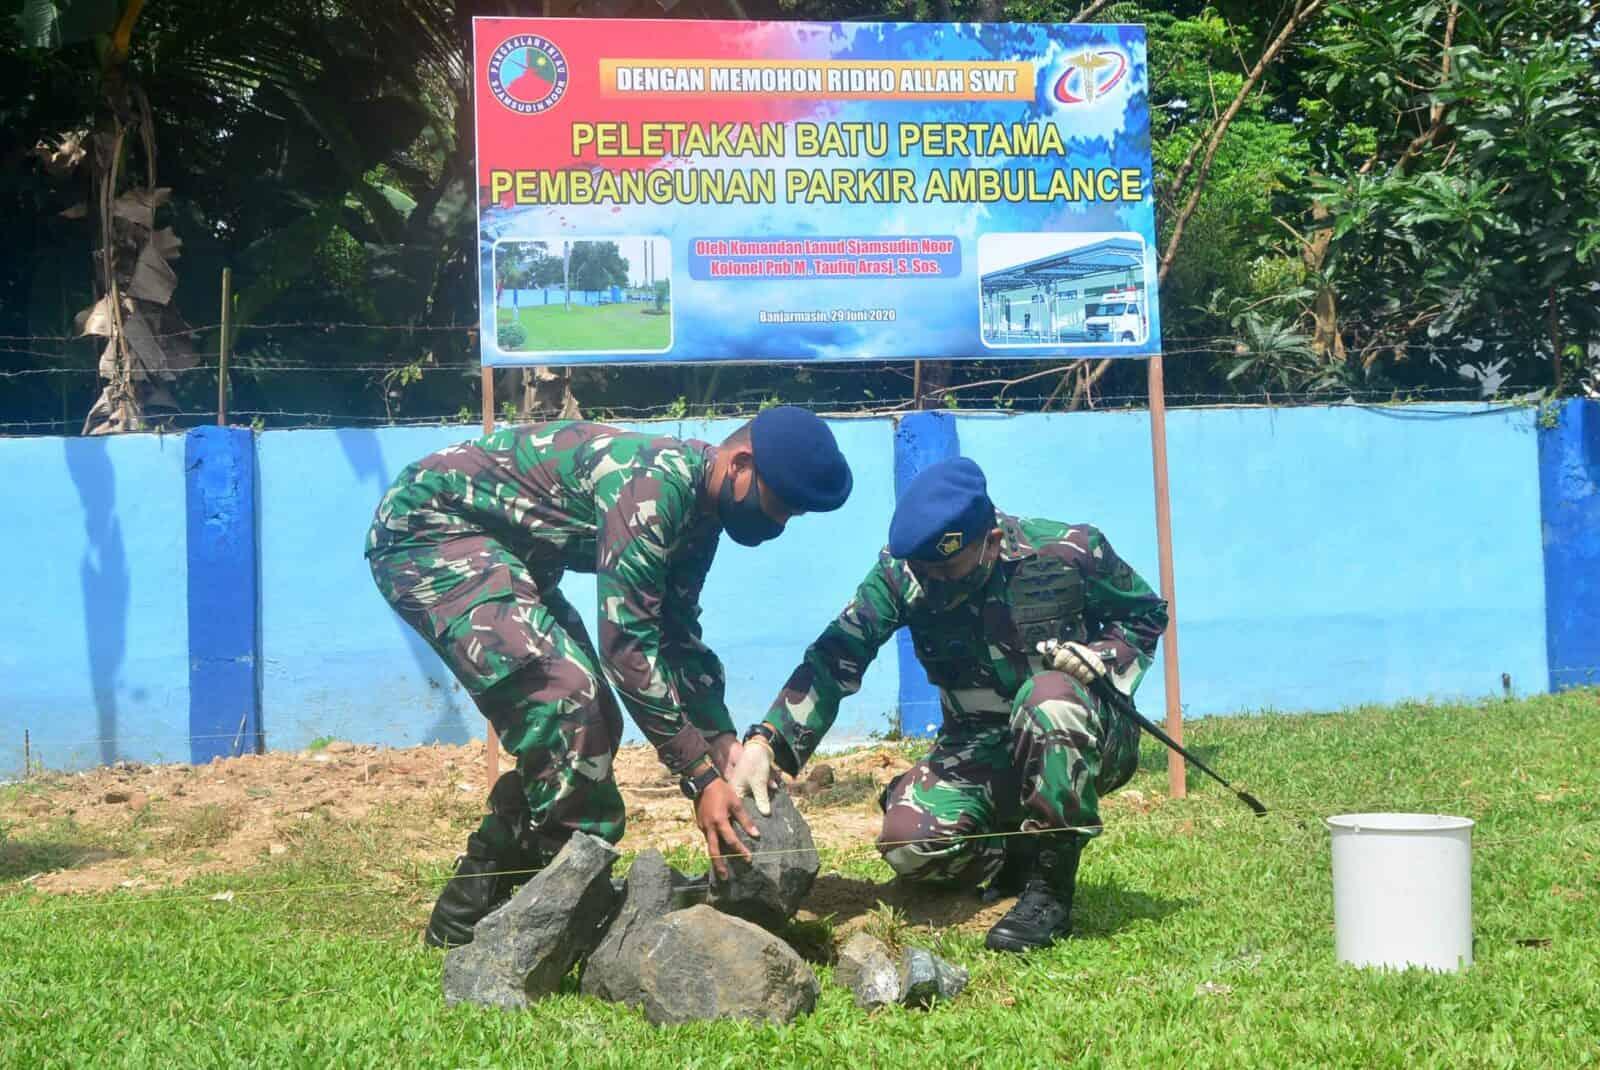 Peletakan Batu Pertama Pembangunan Shelter Parkir Ambulance Rumah Sakit TNI AU Sjamsudin Noor